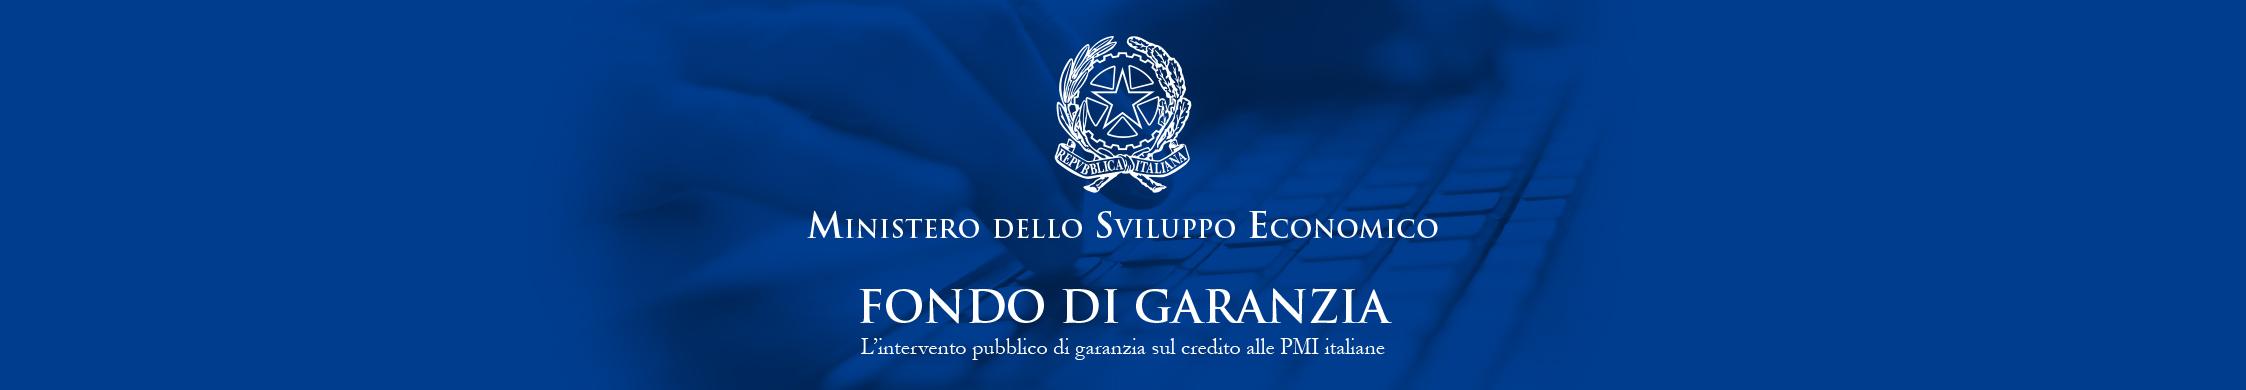 Fondo-di-garanzia-ministero-sviluppo-economico